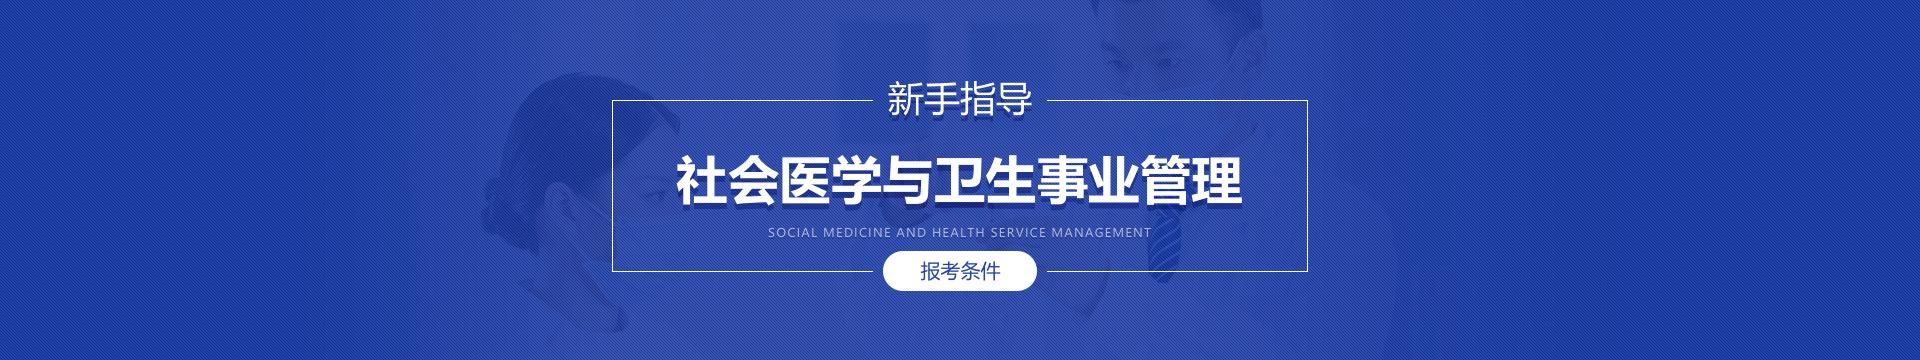 社会医学与卫生事业管理在职研究生报考条件是什么?